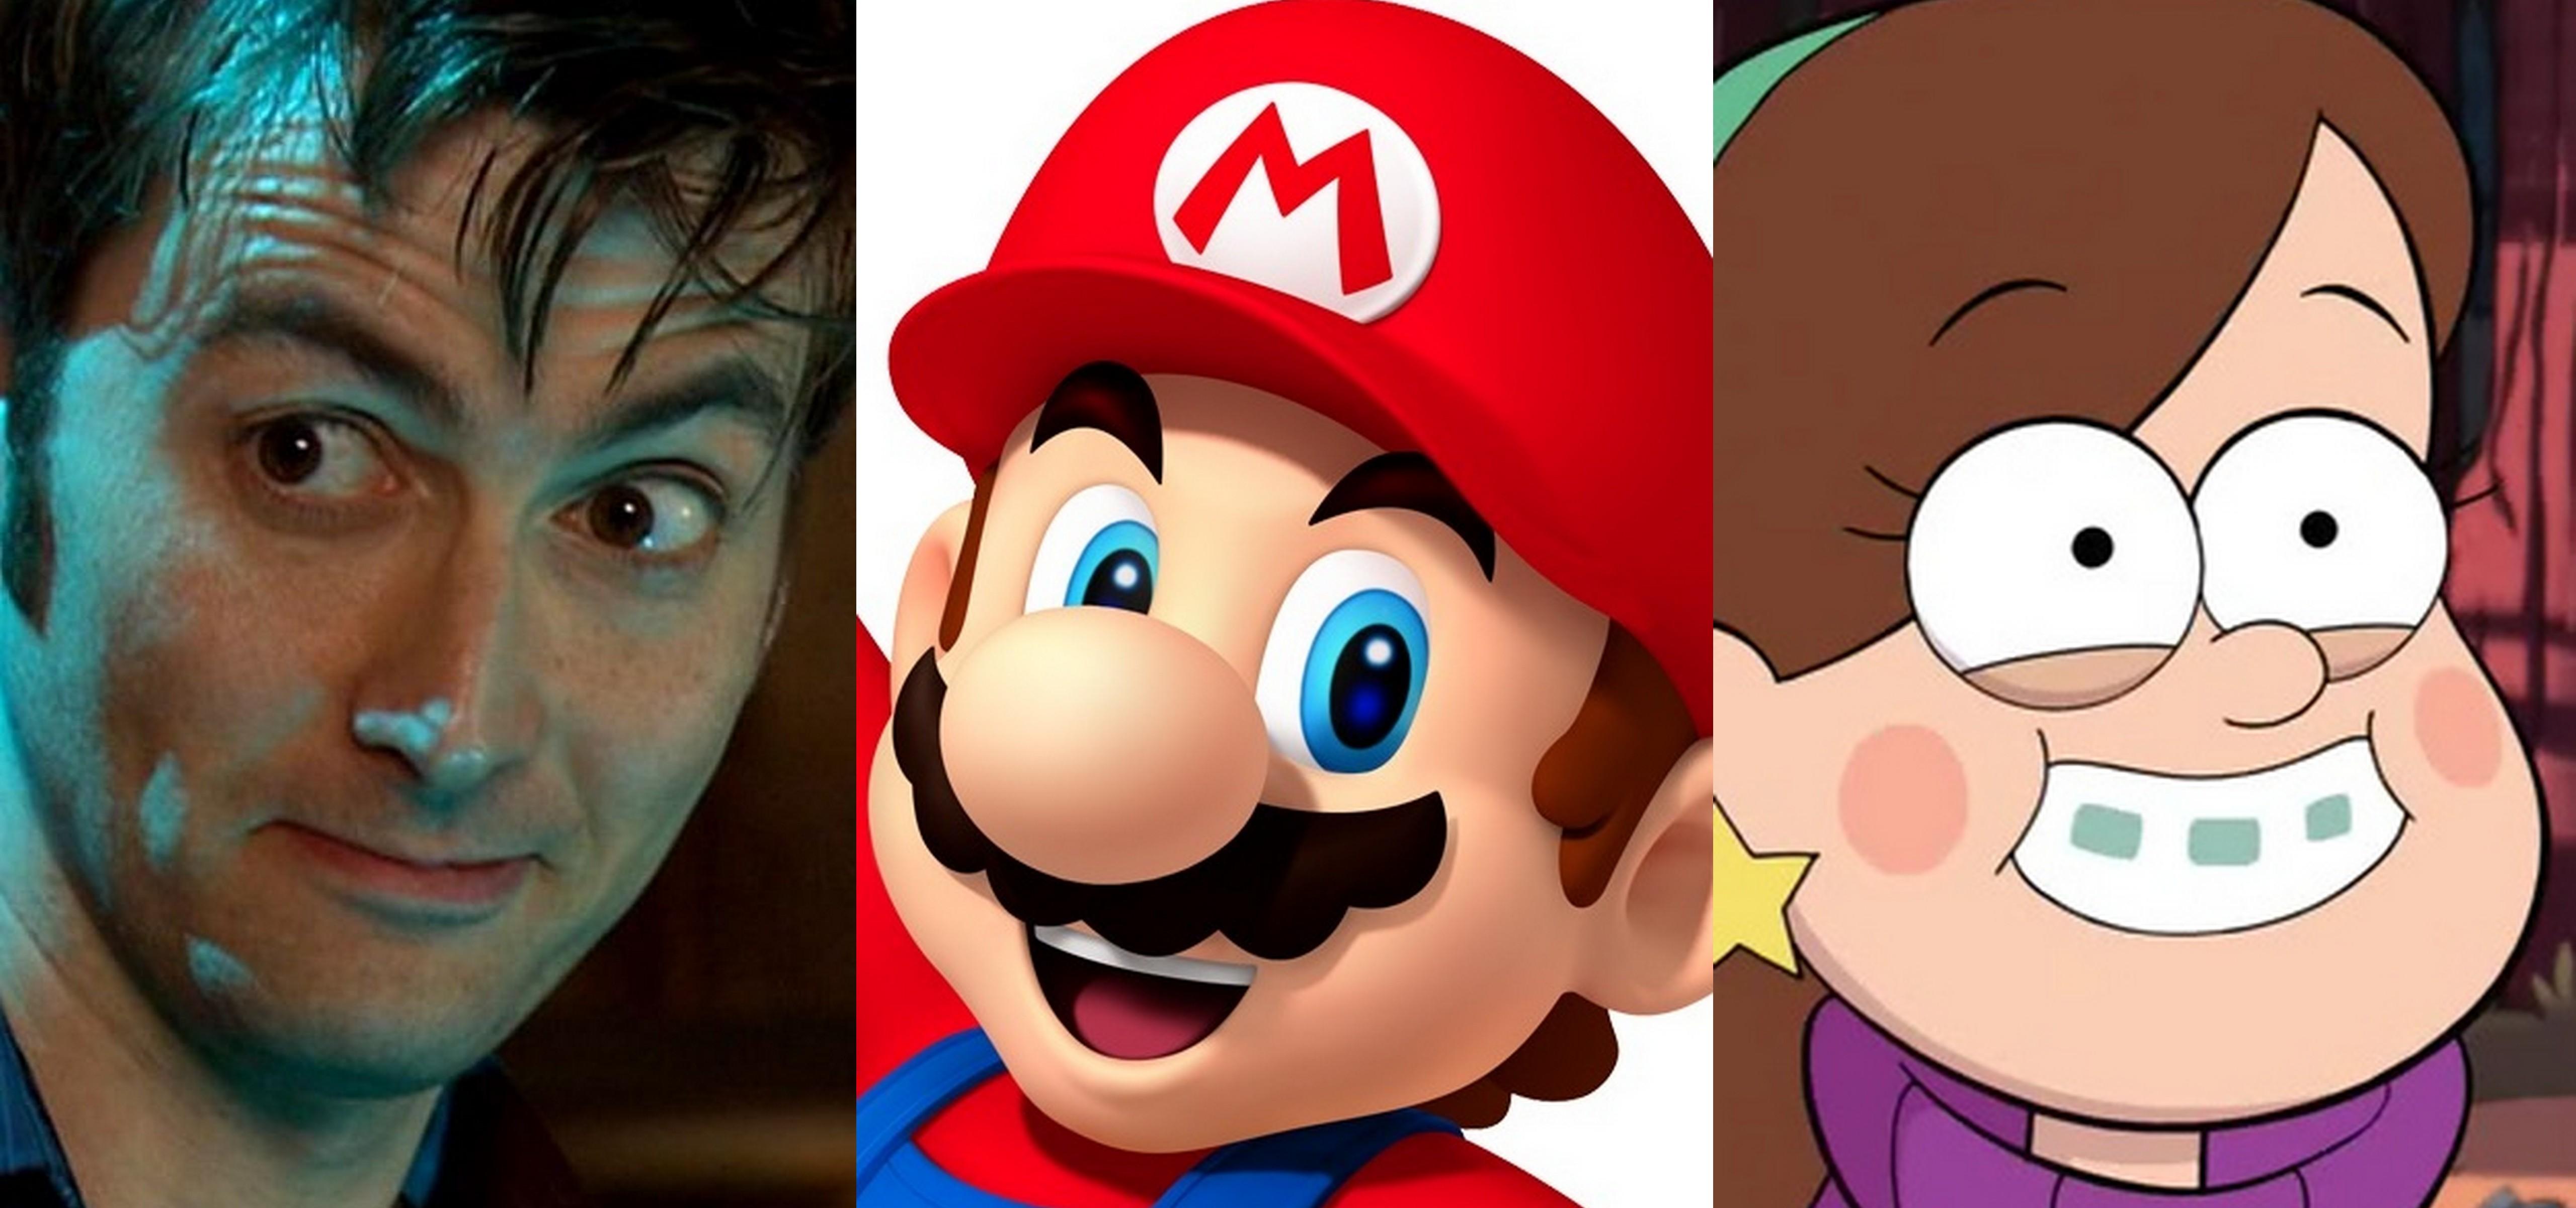 Mario and braces